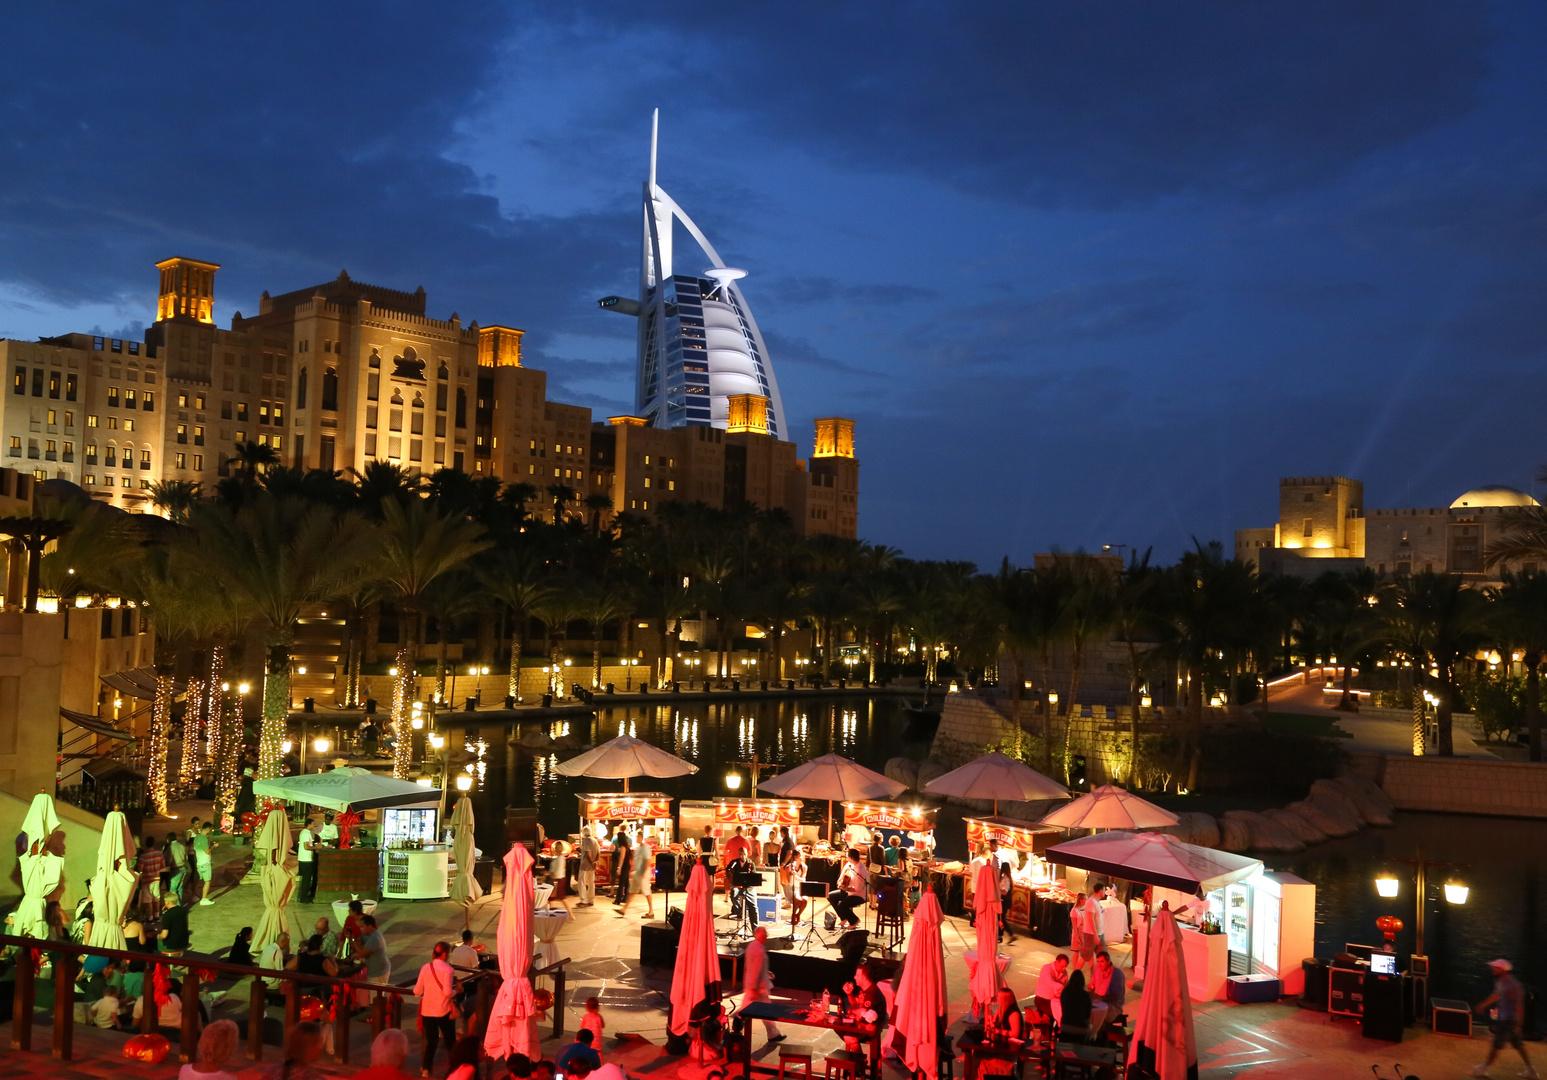 Souk Madinat Jumeirah und Burj al Arab (Das Wahrzeichen von Dubai)